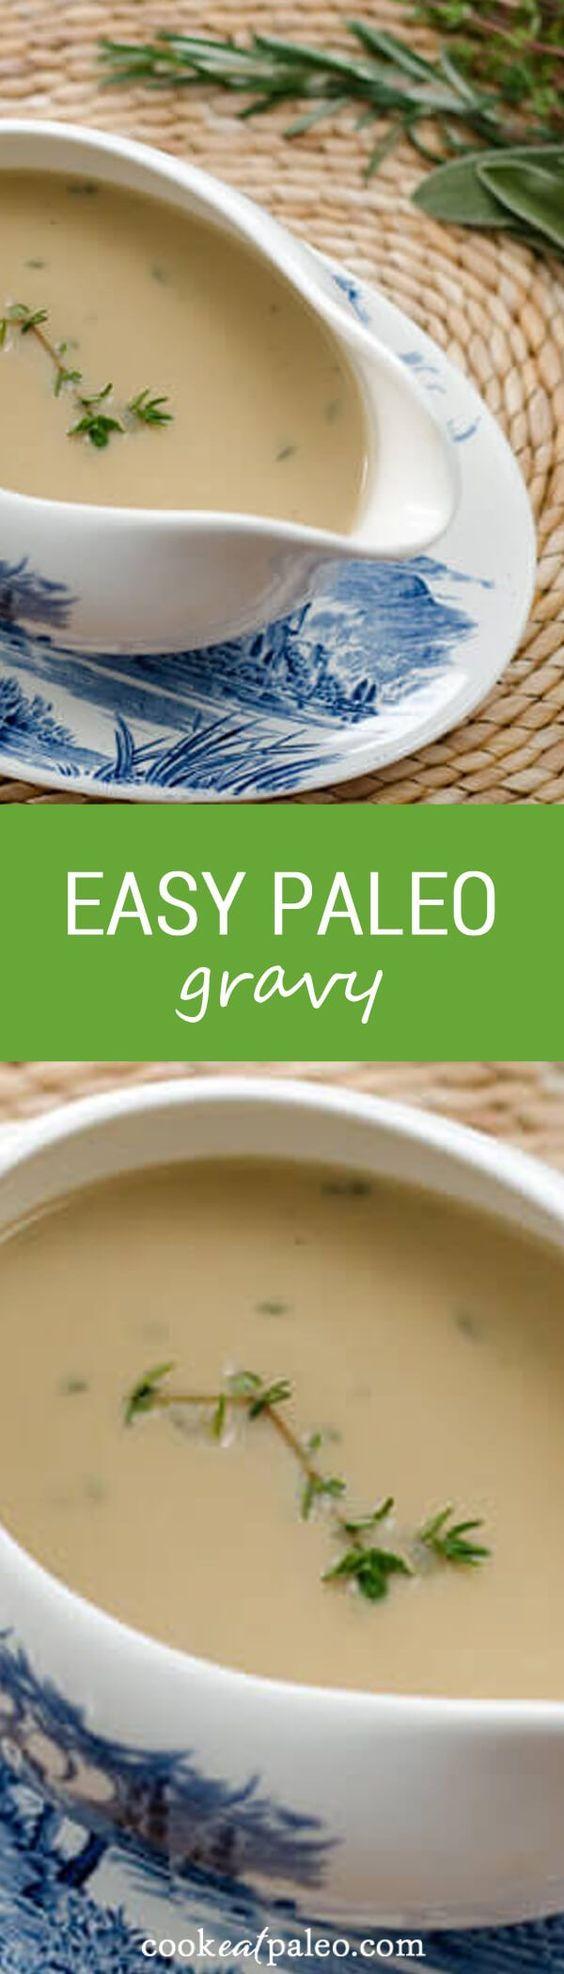 Paleo gravy, Gravy and Paleo on Pinterest